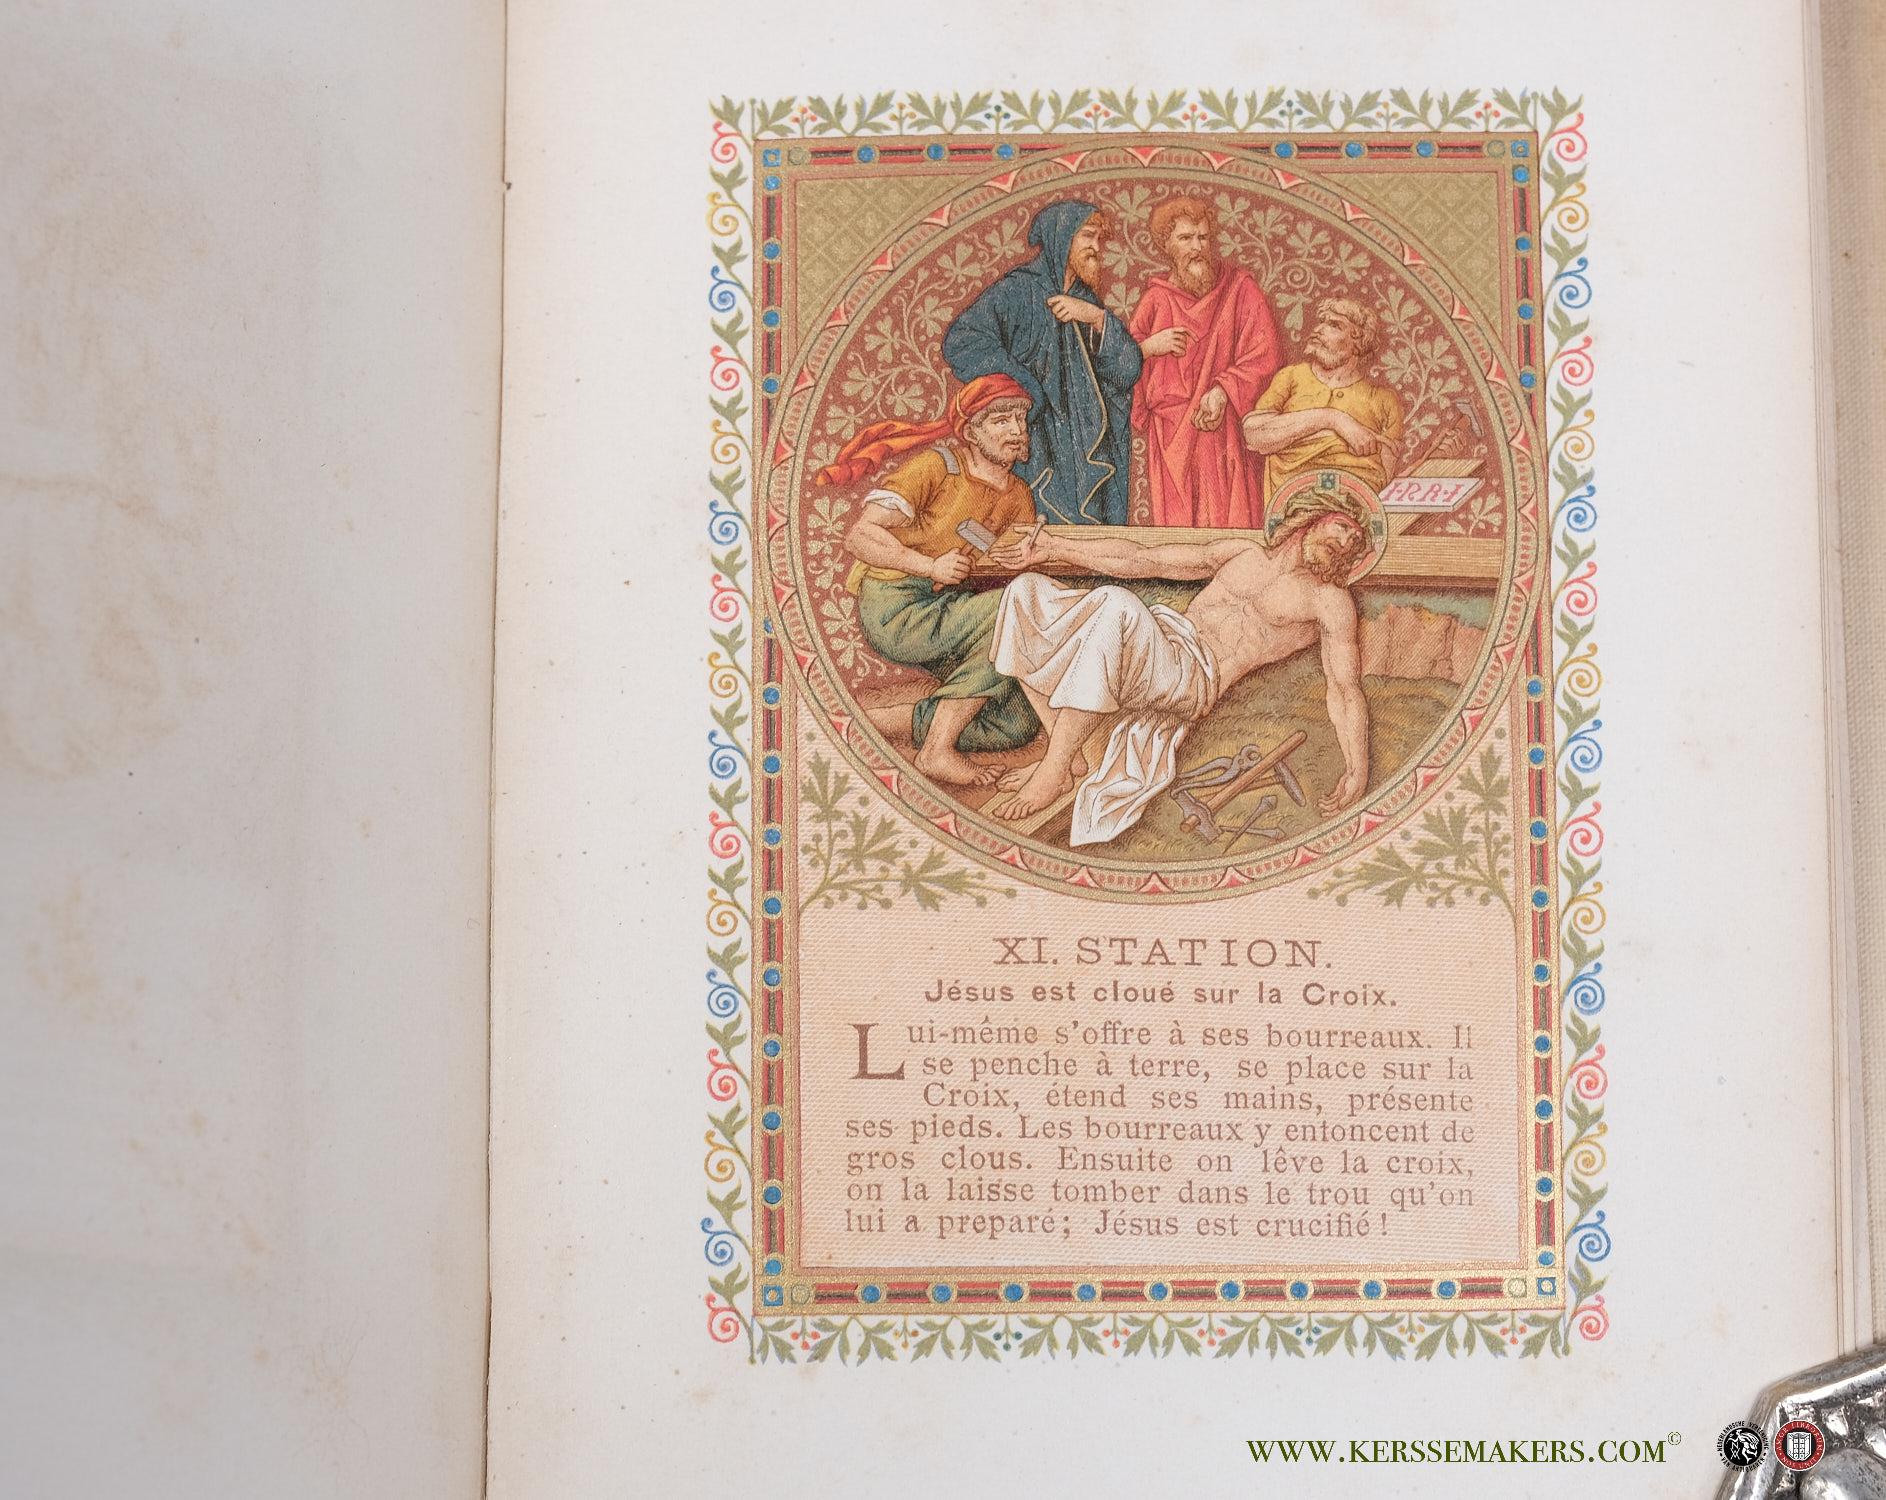 WITTMANN, J. A. - Le Chemin de la croix. 14 dessins par le prof. Raphaël Grünnes après le prof. J. Klein. Le profit serat procuré aux orphelins.